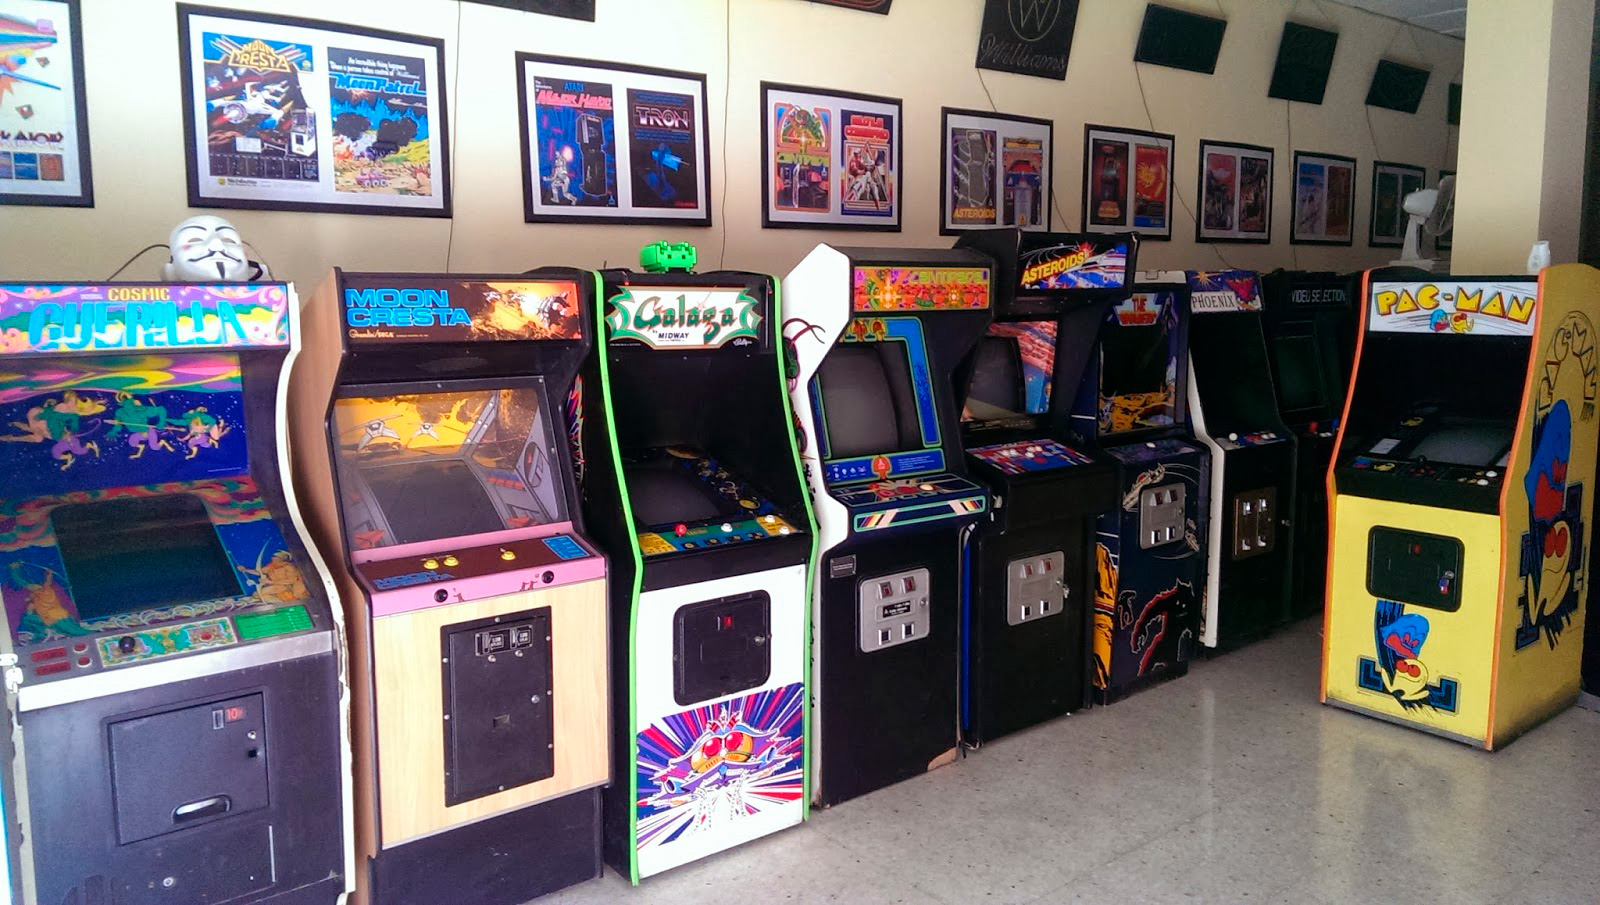 vicious-viper-arcade-vintage